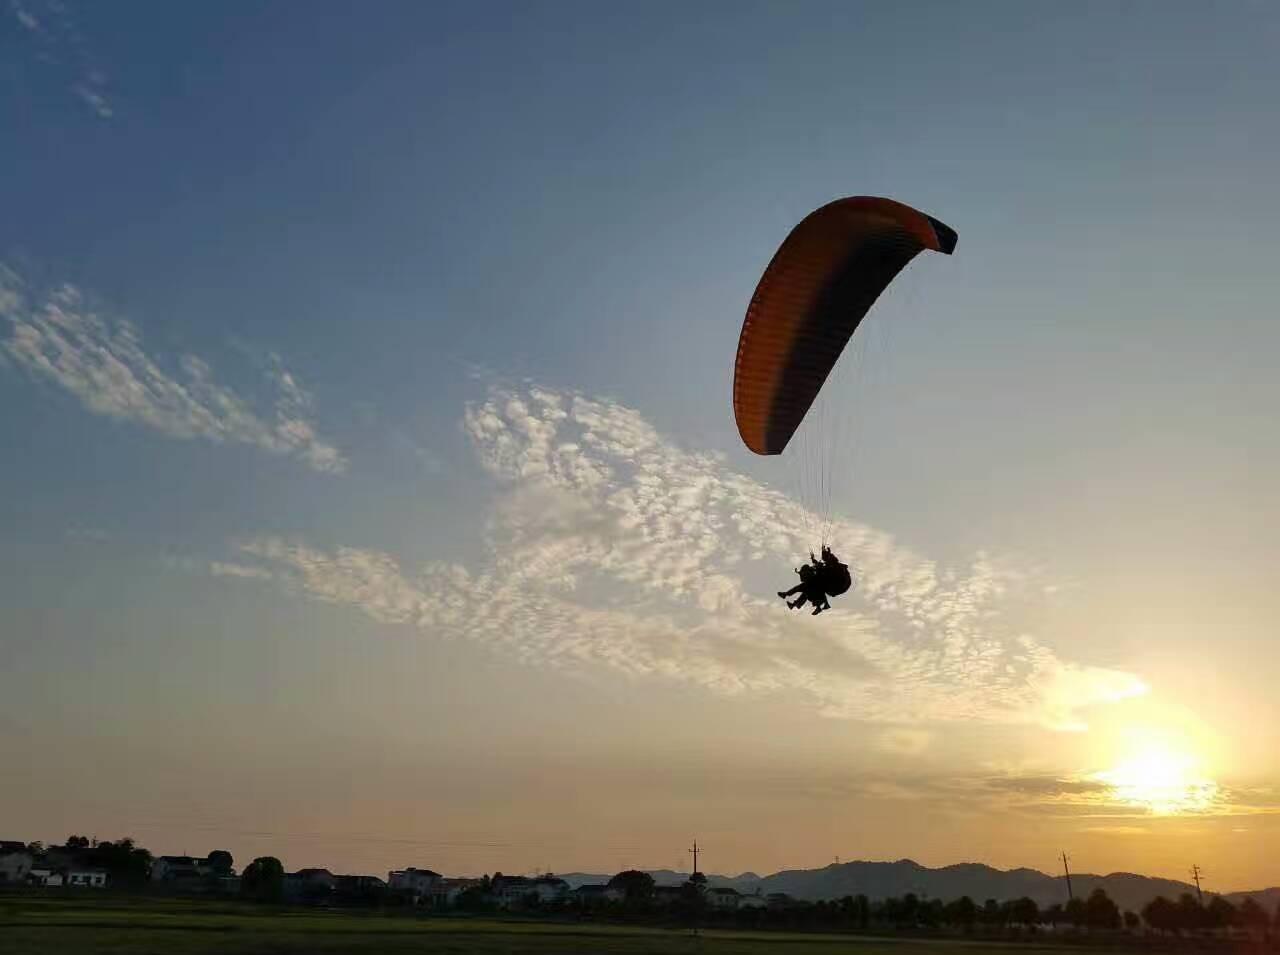 大学生特价·长沙双人滑翔伞体验480一人